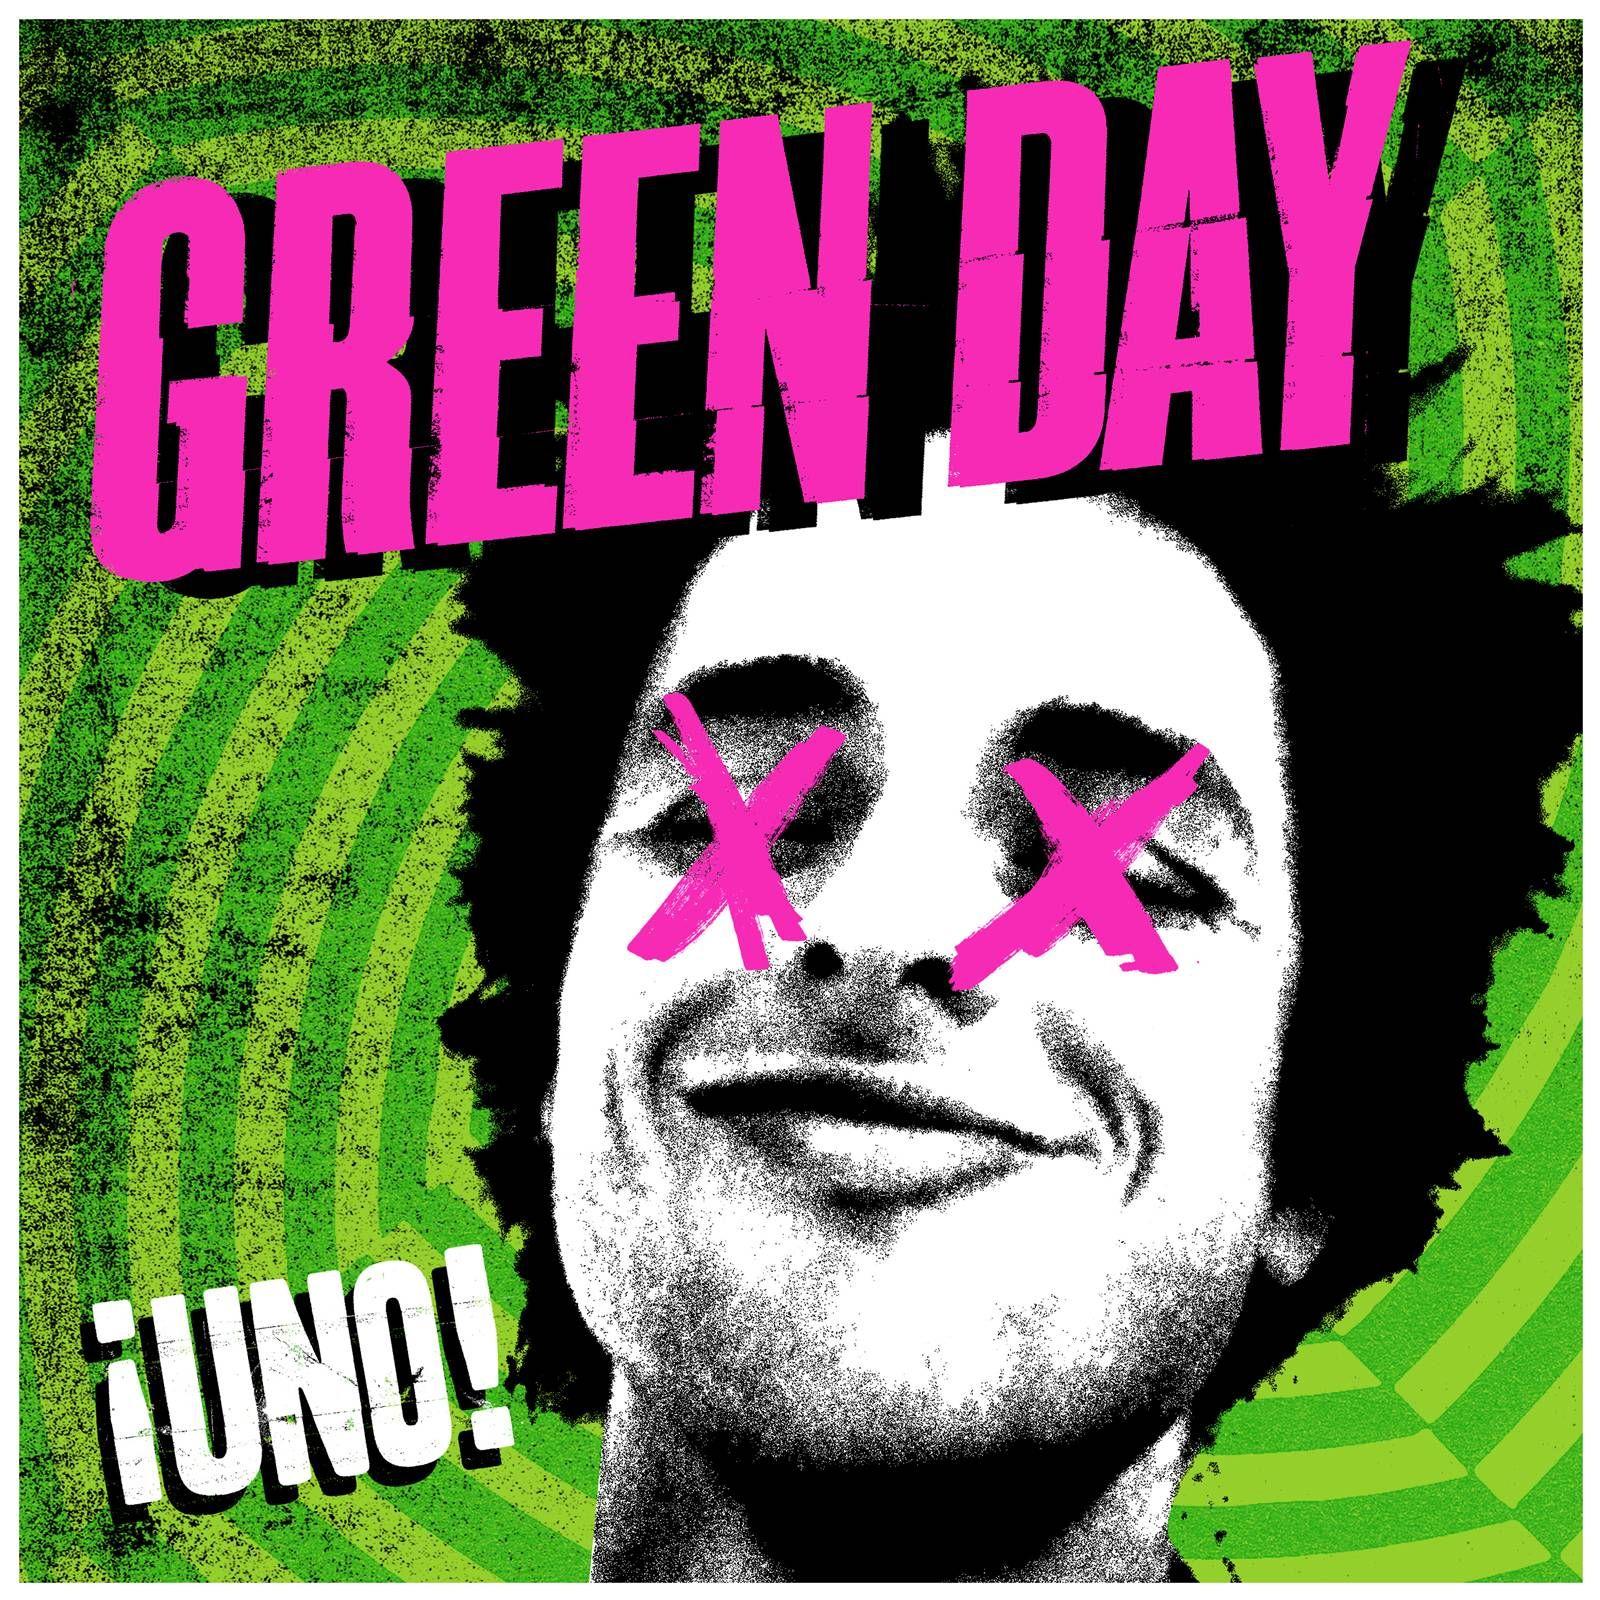 Green Day - ¡uno! album cover